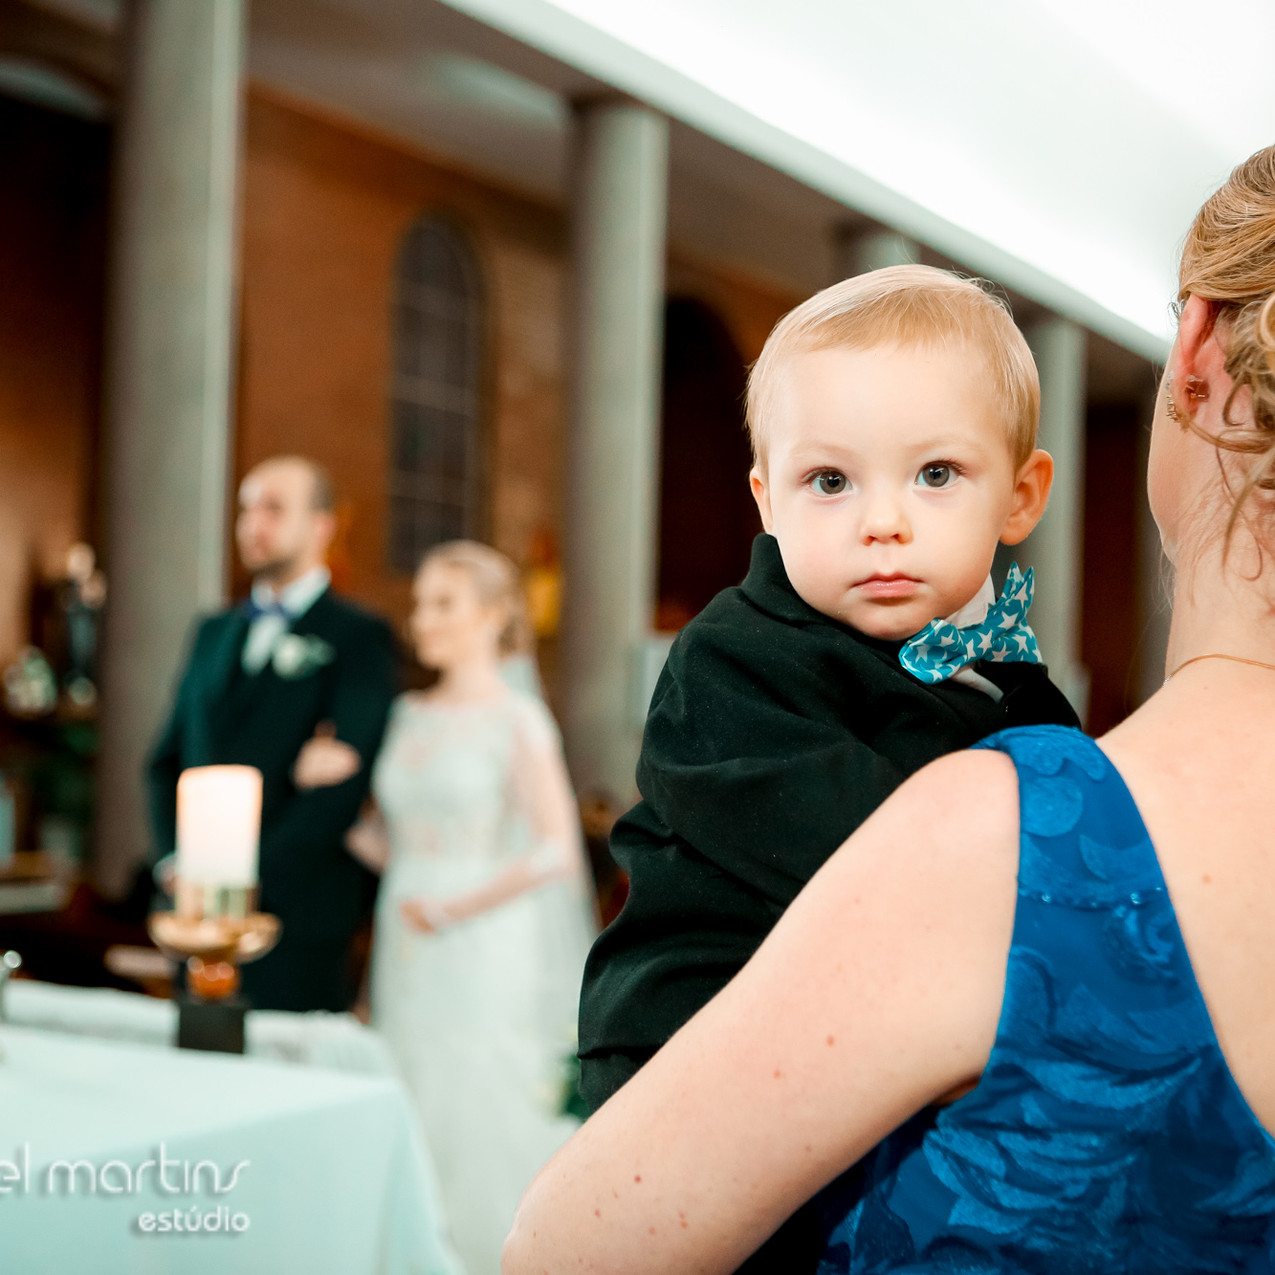 BeR-0500-fotografo-casamento-wedding-gotadagua-rustico-brunaeraul-boho-diy-portoalegre-daniel-martins